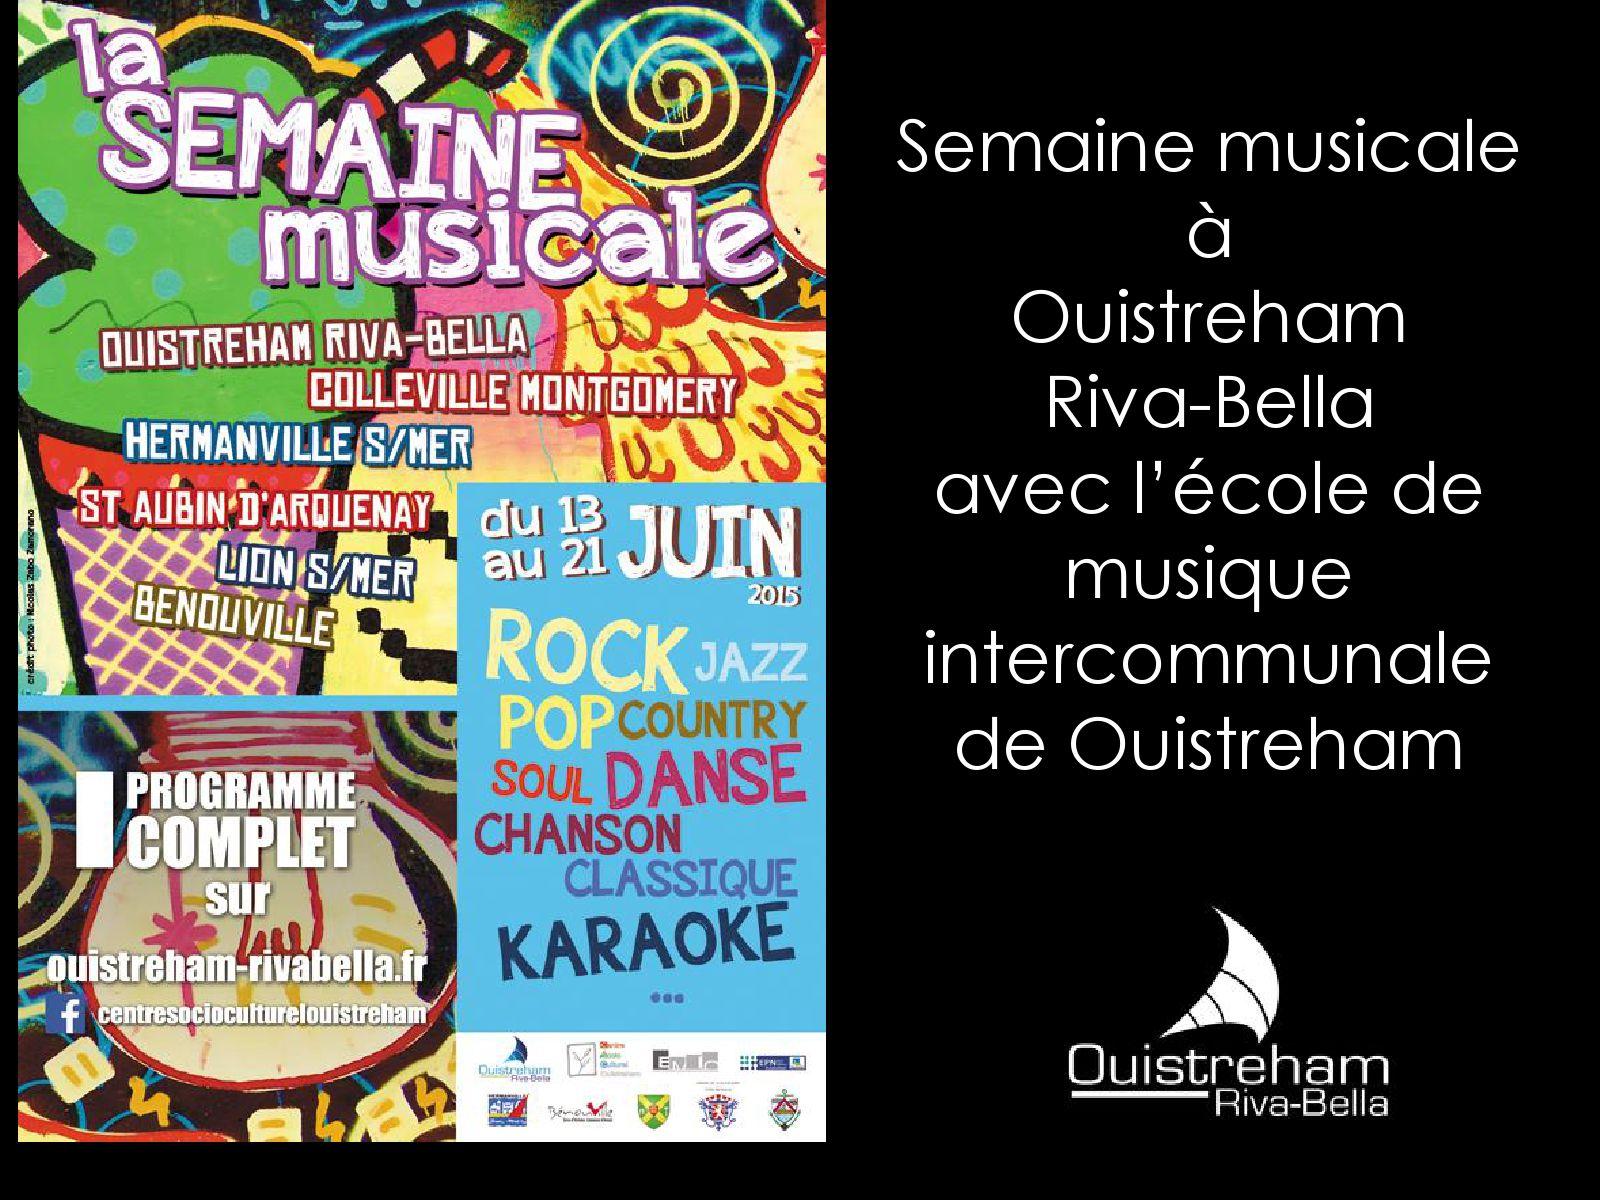 Semaine musicale 2015